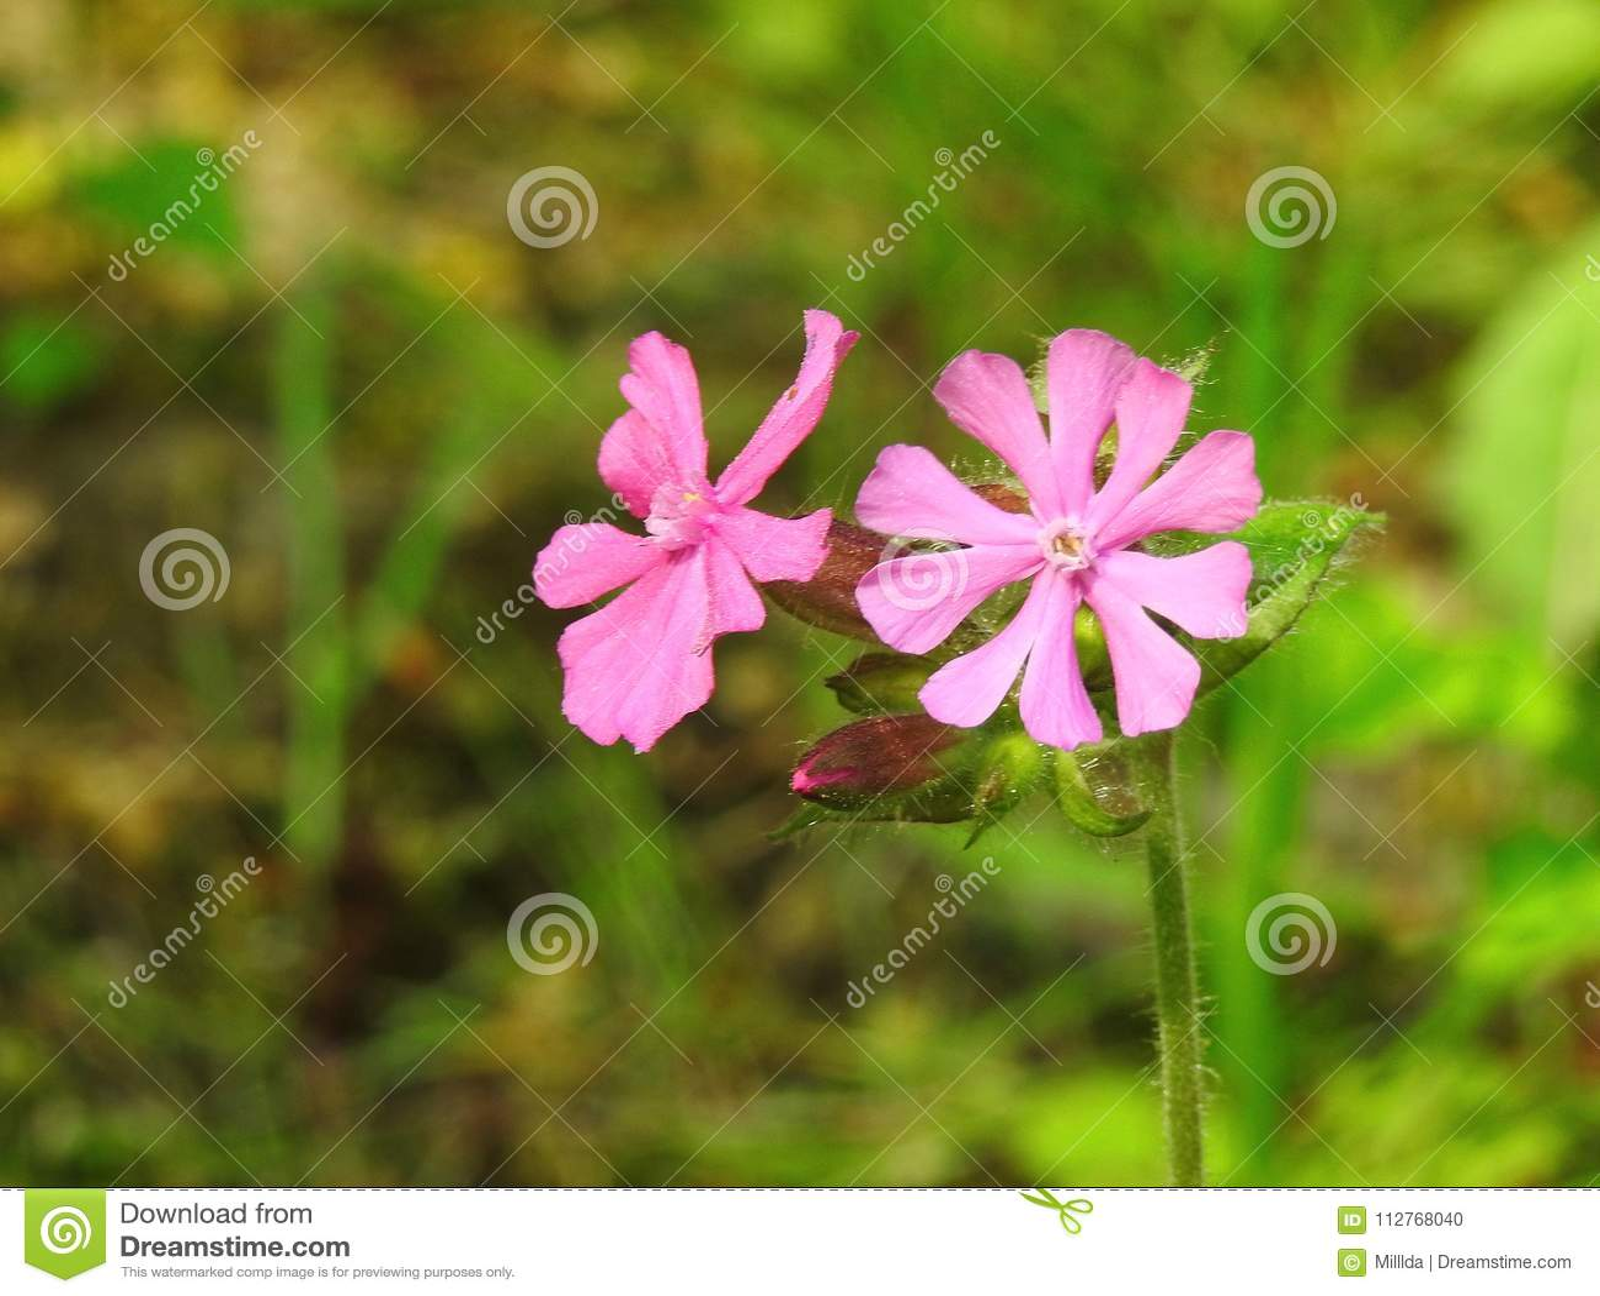 Beautiful pink flowers in garden lithuania stock photo image of download beautiful pink flowers in garden lithuania stock photo image of pink flower mightylinksfo